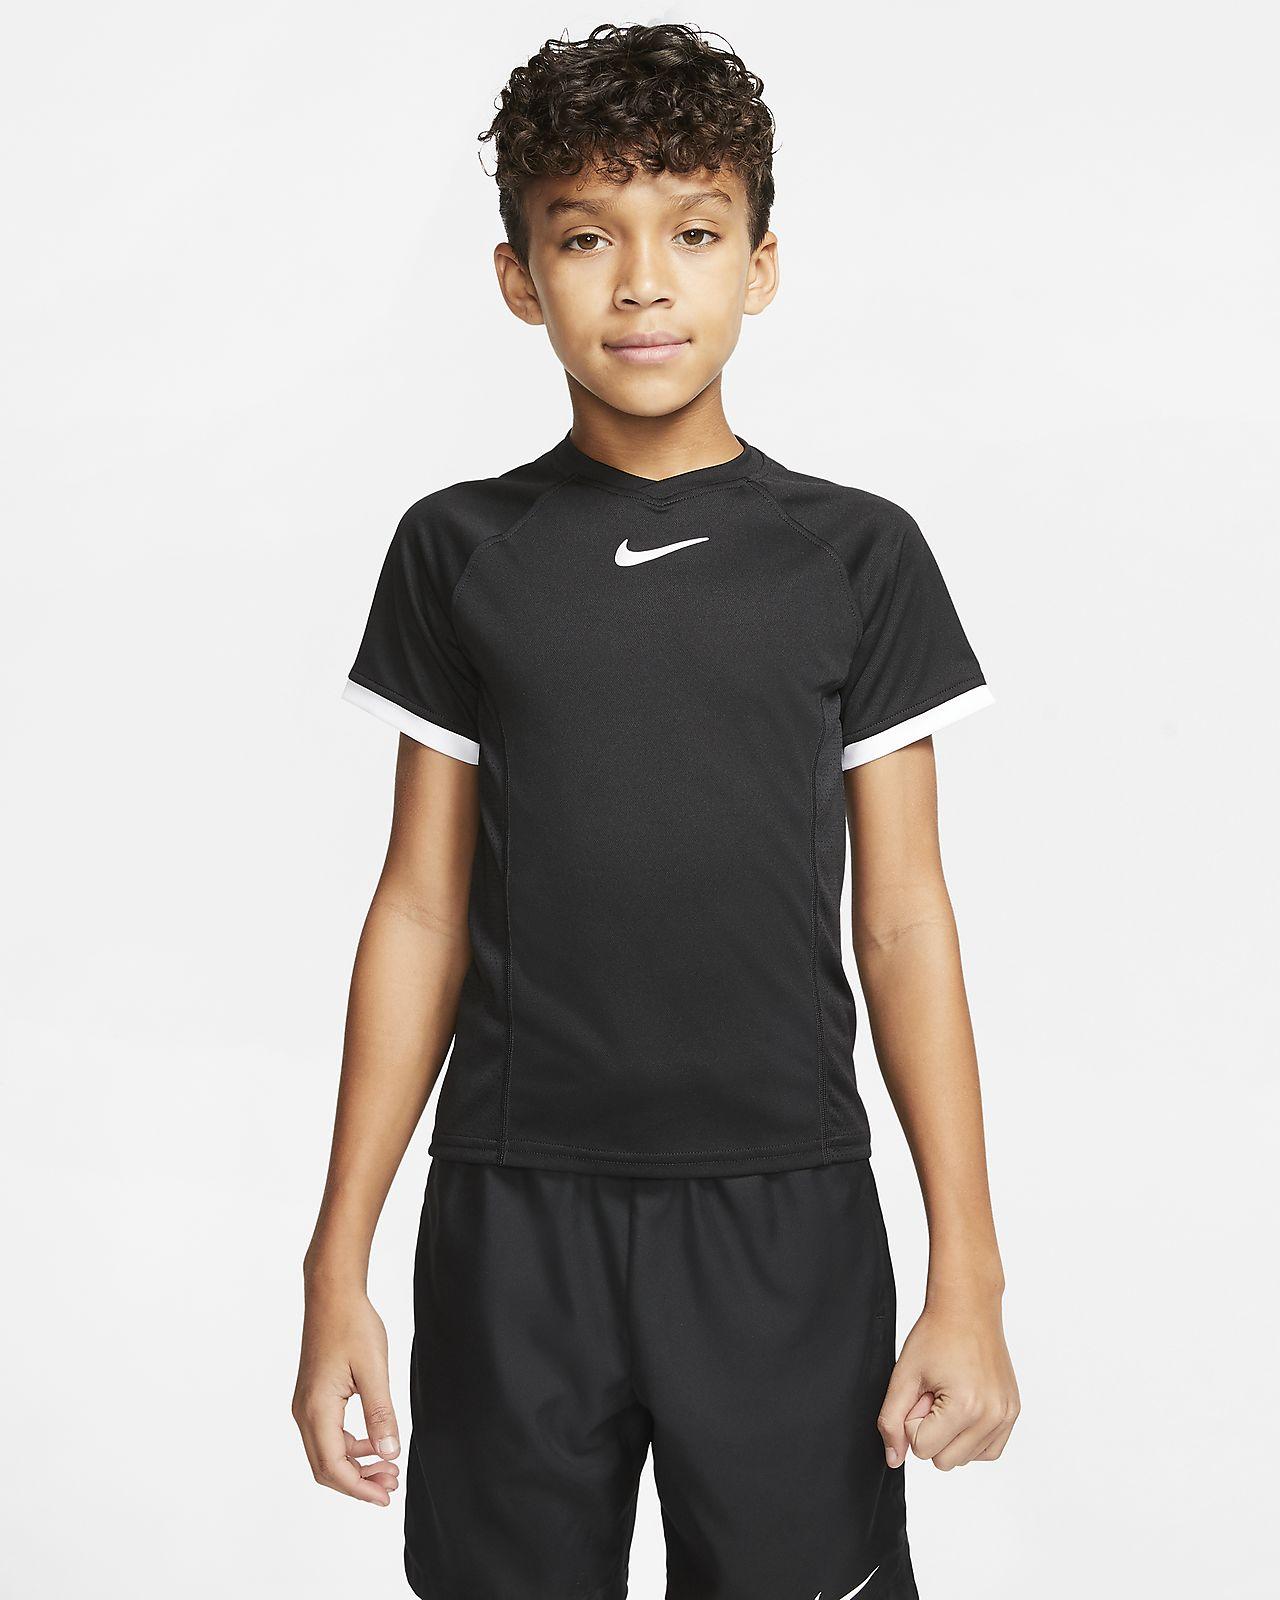 Chlapecké tenisové tričko NikeCourt Dri-FIT s krátkým rukávem